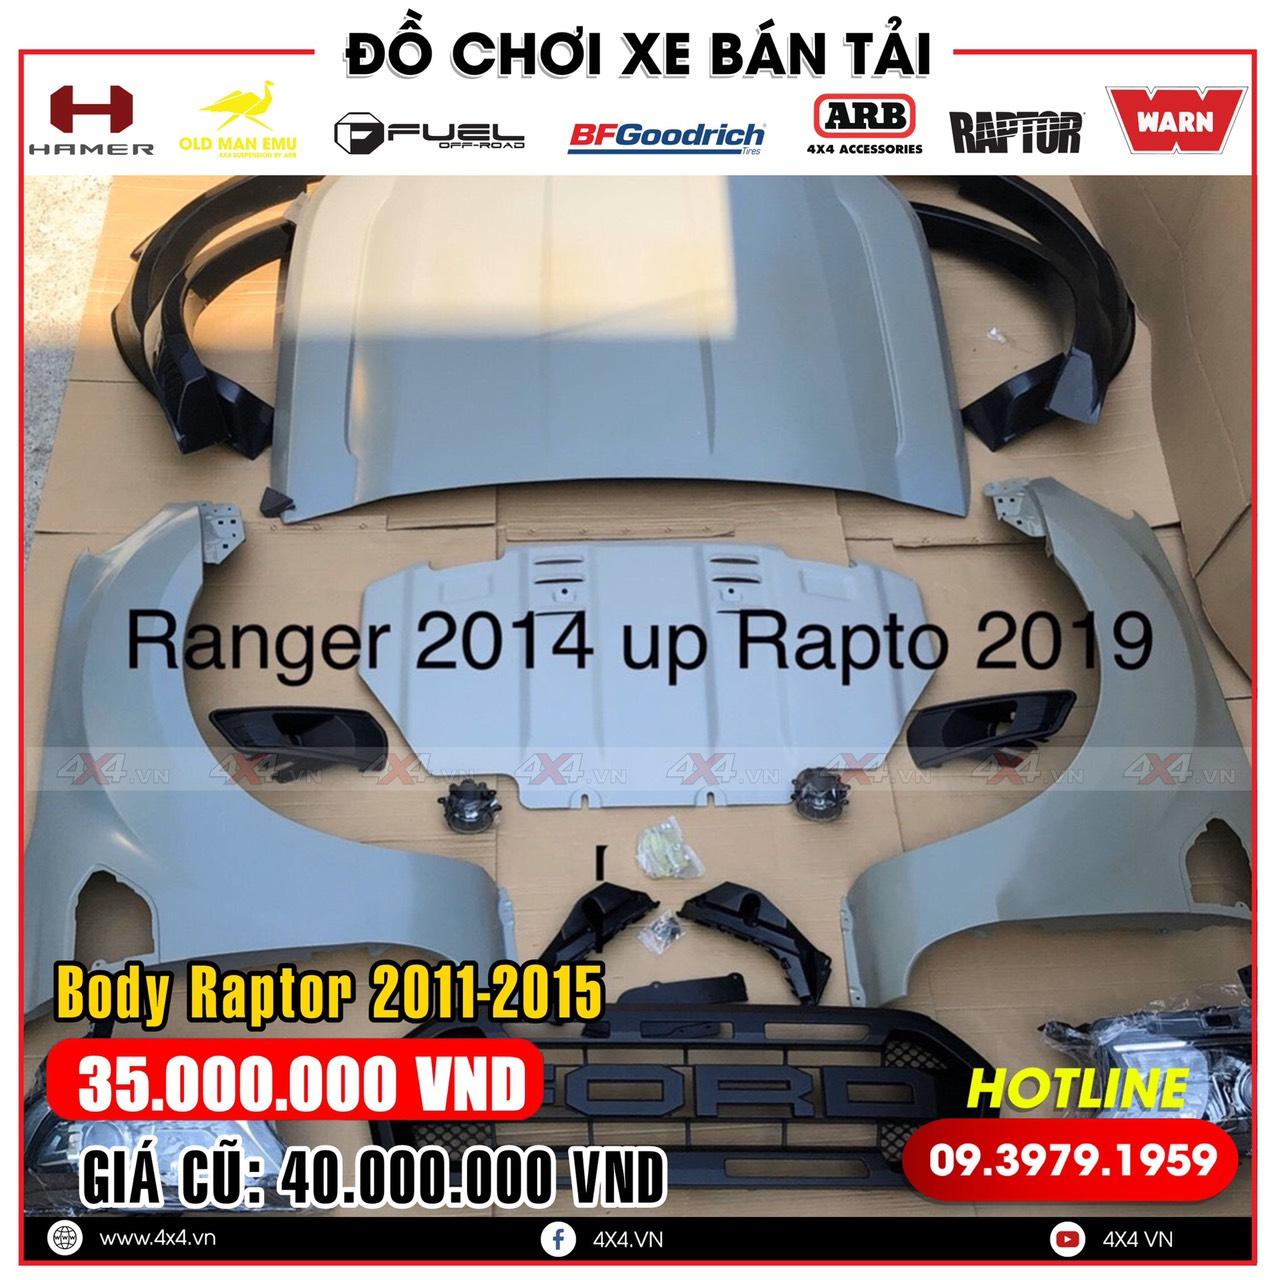 Bộ Body kit Ford Ranger Raptor lên đời cho dòng xe Ford ranger đời cũ 2011 - 2015